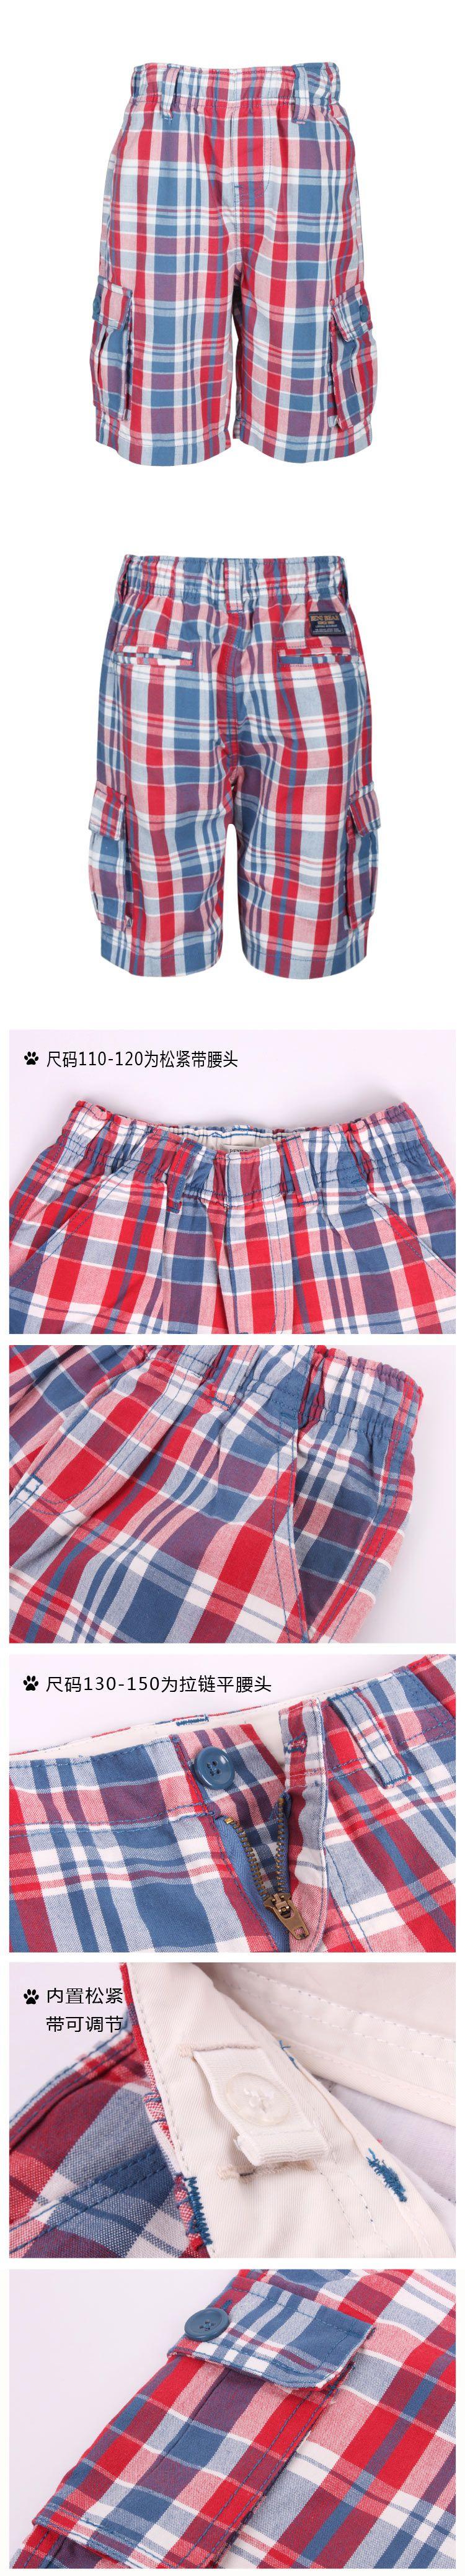 男童红蓝白格子短裤